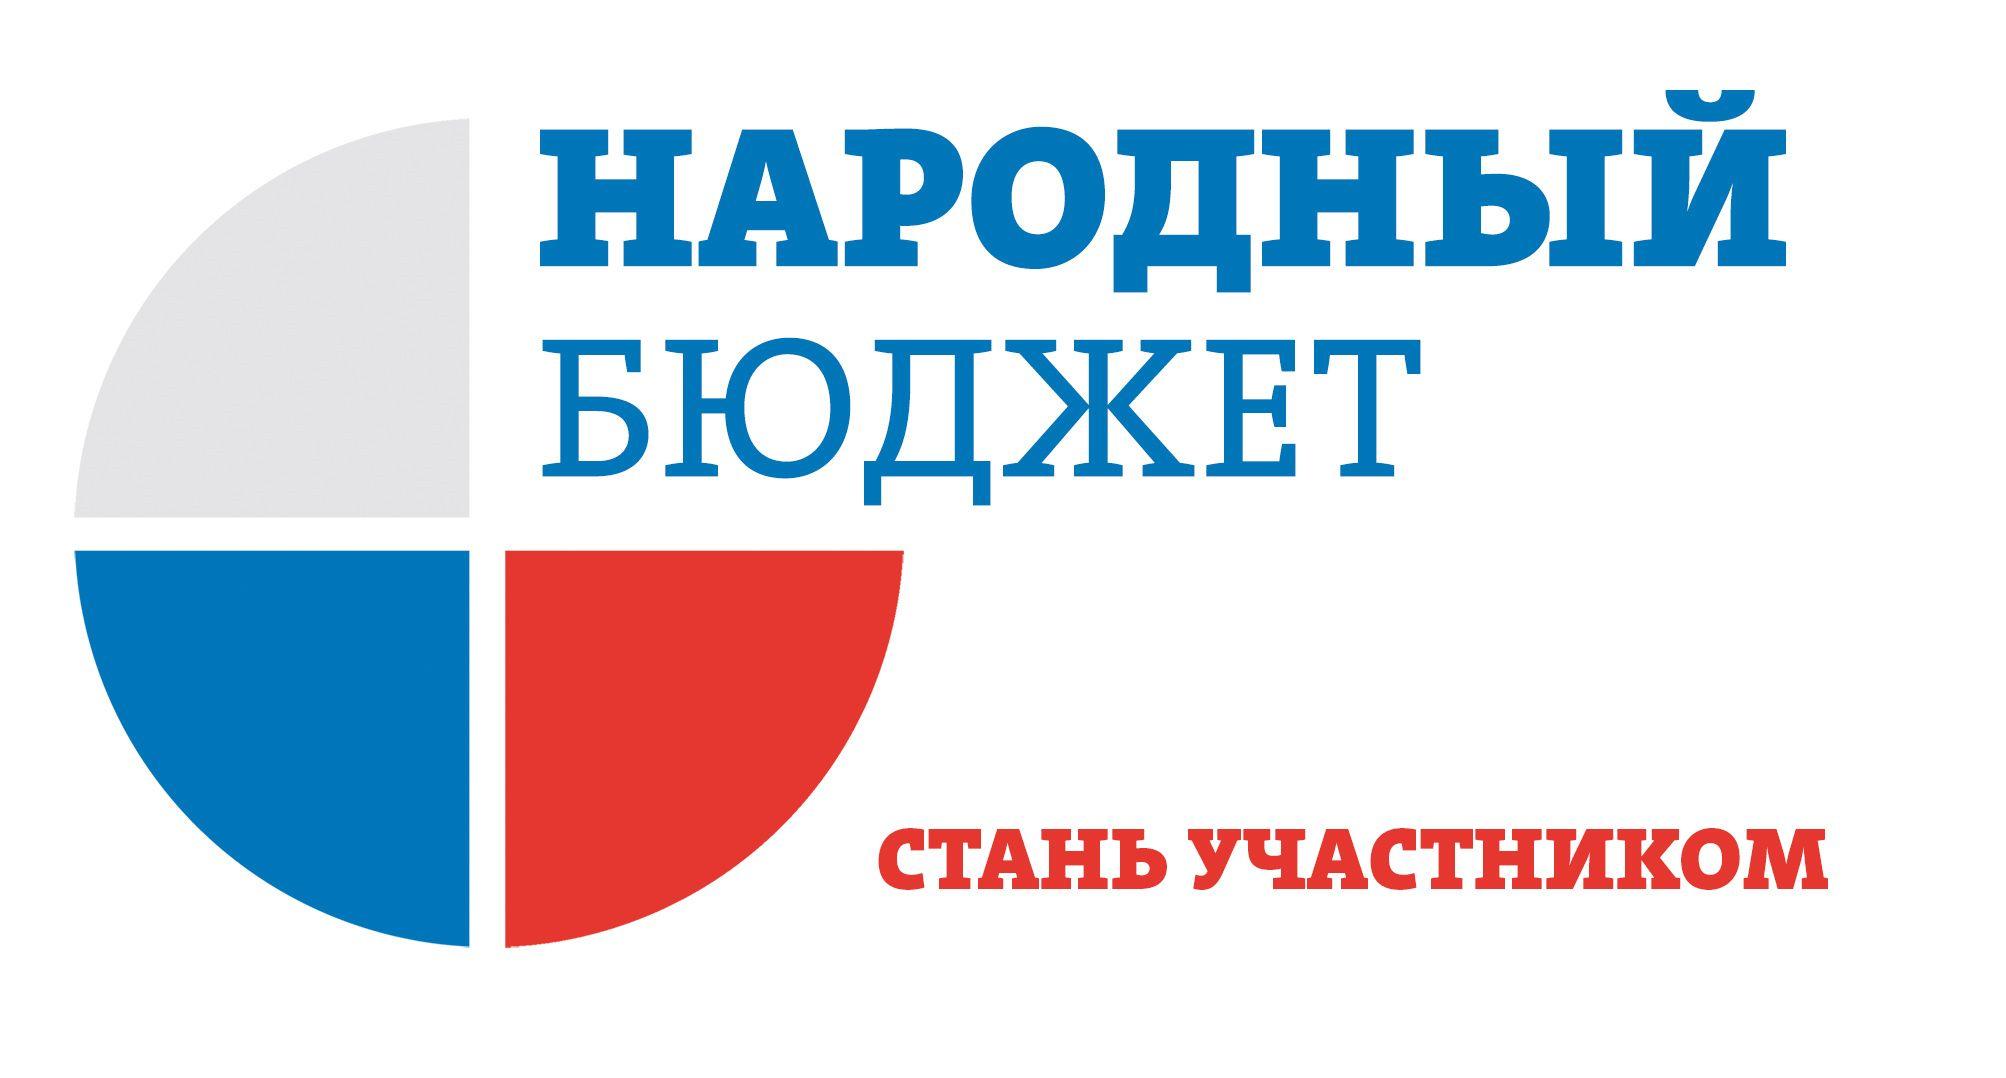 Как жители в регионах решают, на что потратить бюджетные деньги — российская газета